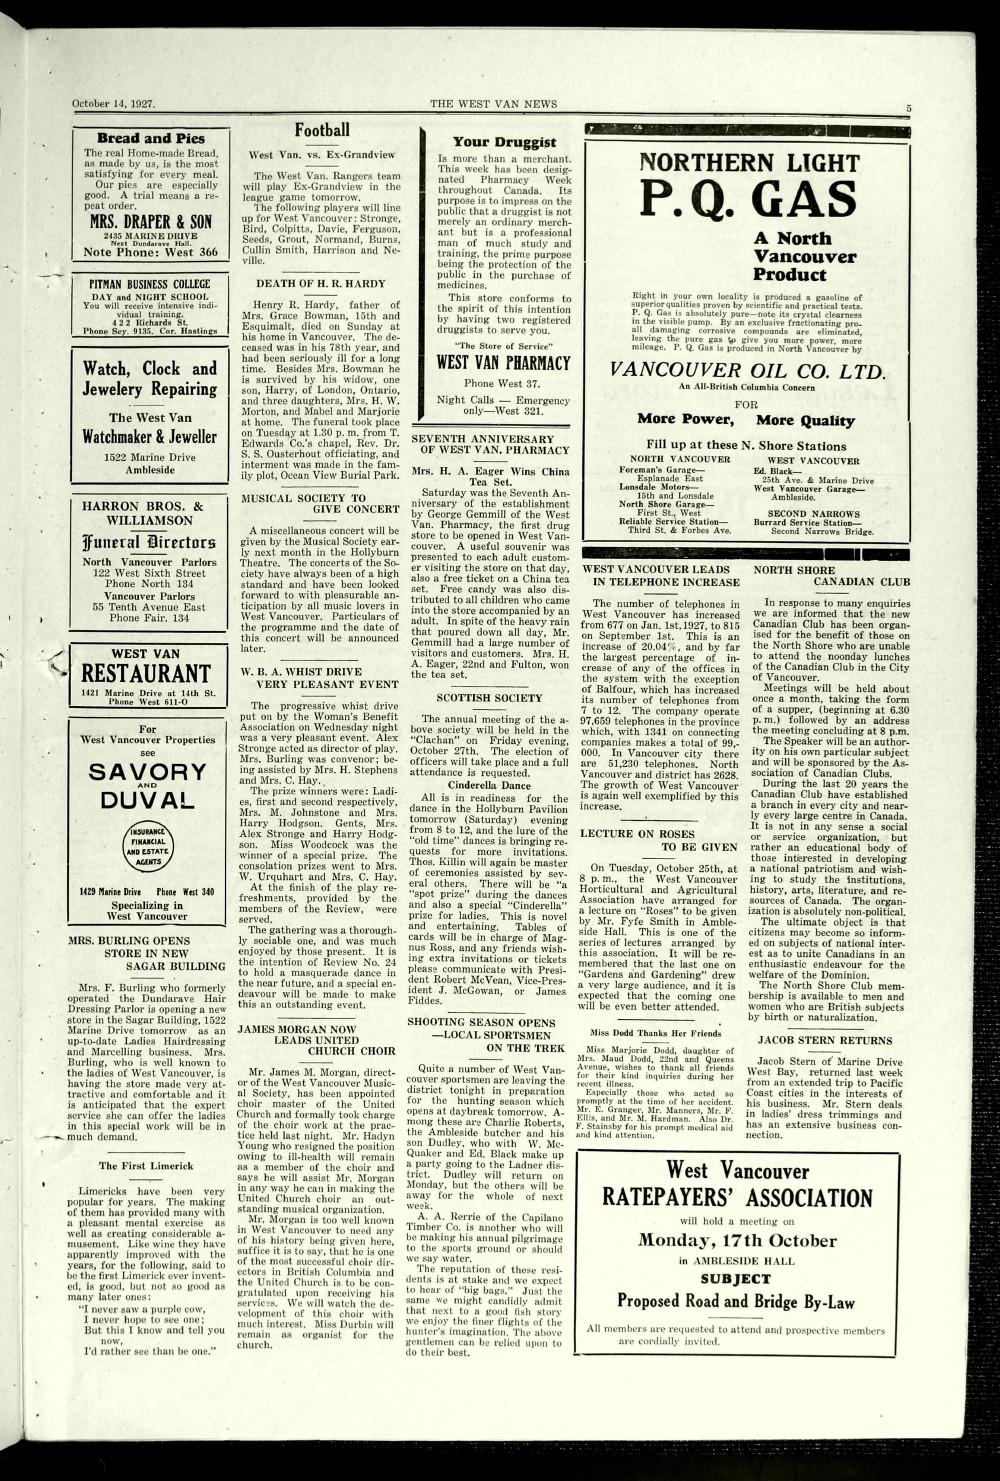 West Van. News (West Vancouver), 14 Oct 1927